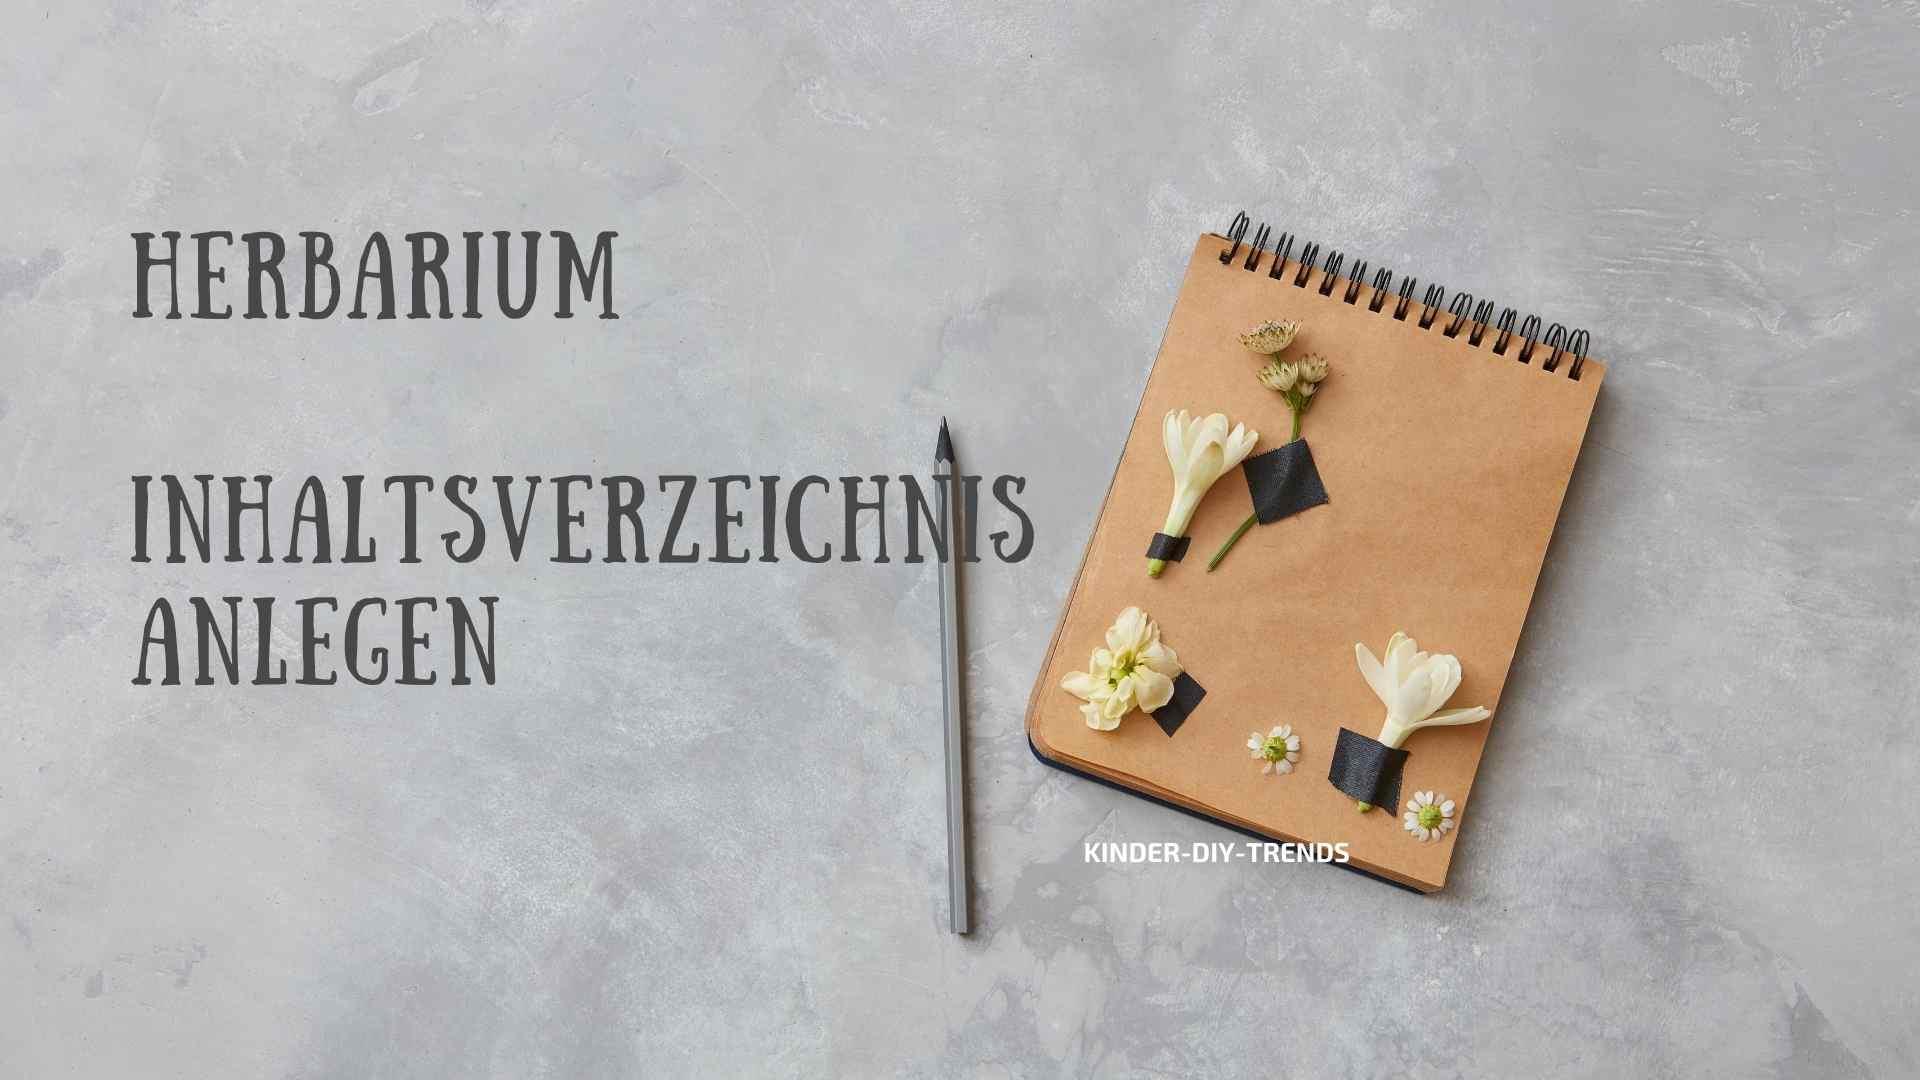 Herbarium - Inhaltsverzeichnis anlegen. Das gehört rein.